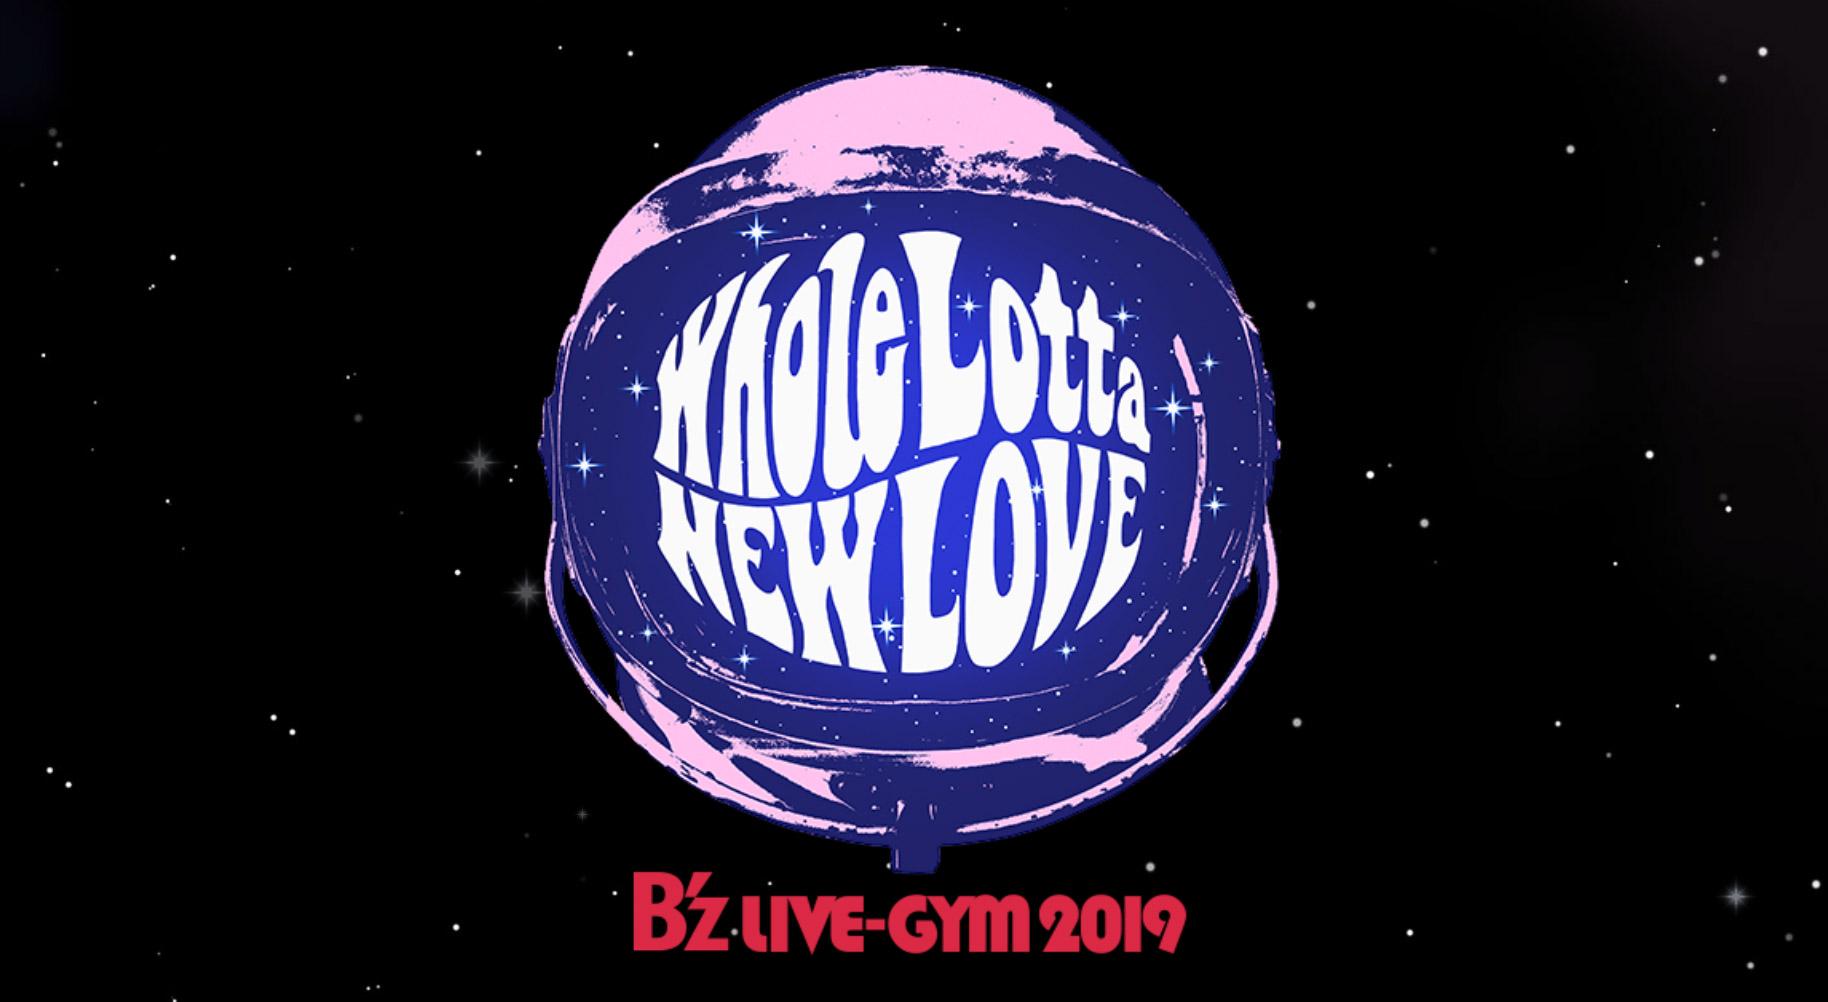 9/10(火)19:00「B'z LIVE-GYM 2019 -Whole Lotta NEW LOVE- ライブビューイング」当日券販売します。